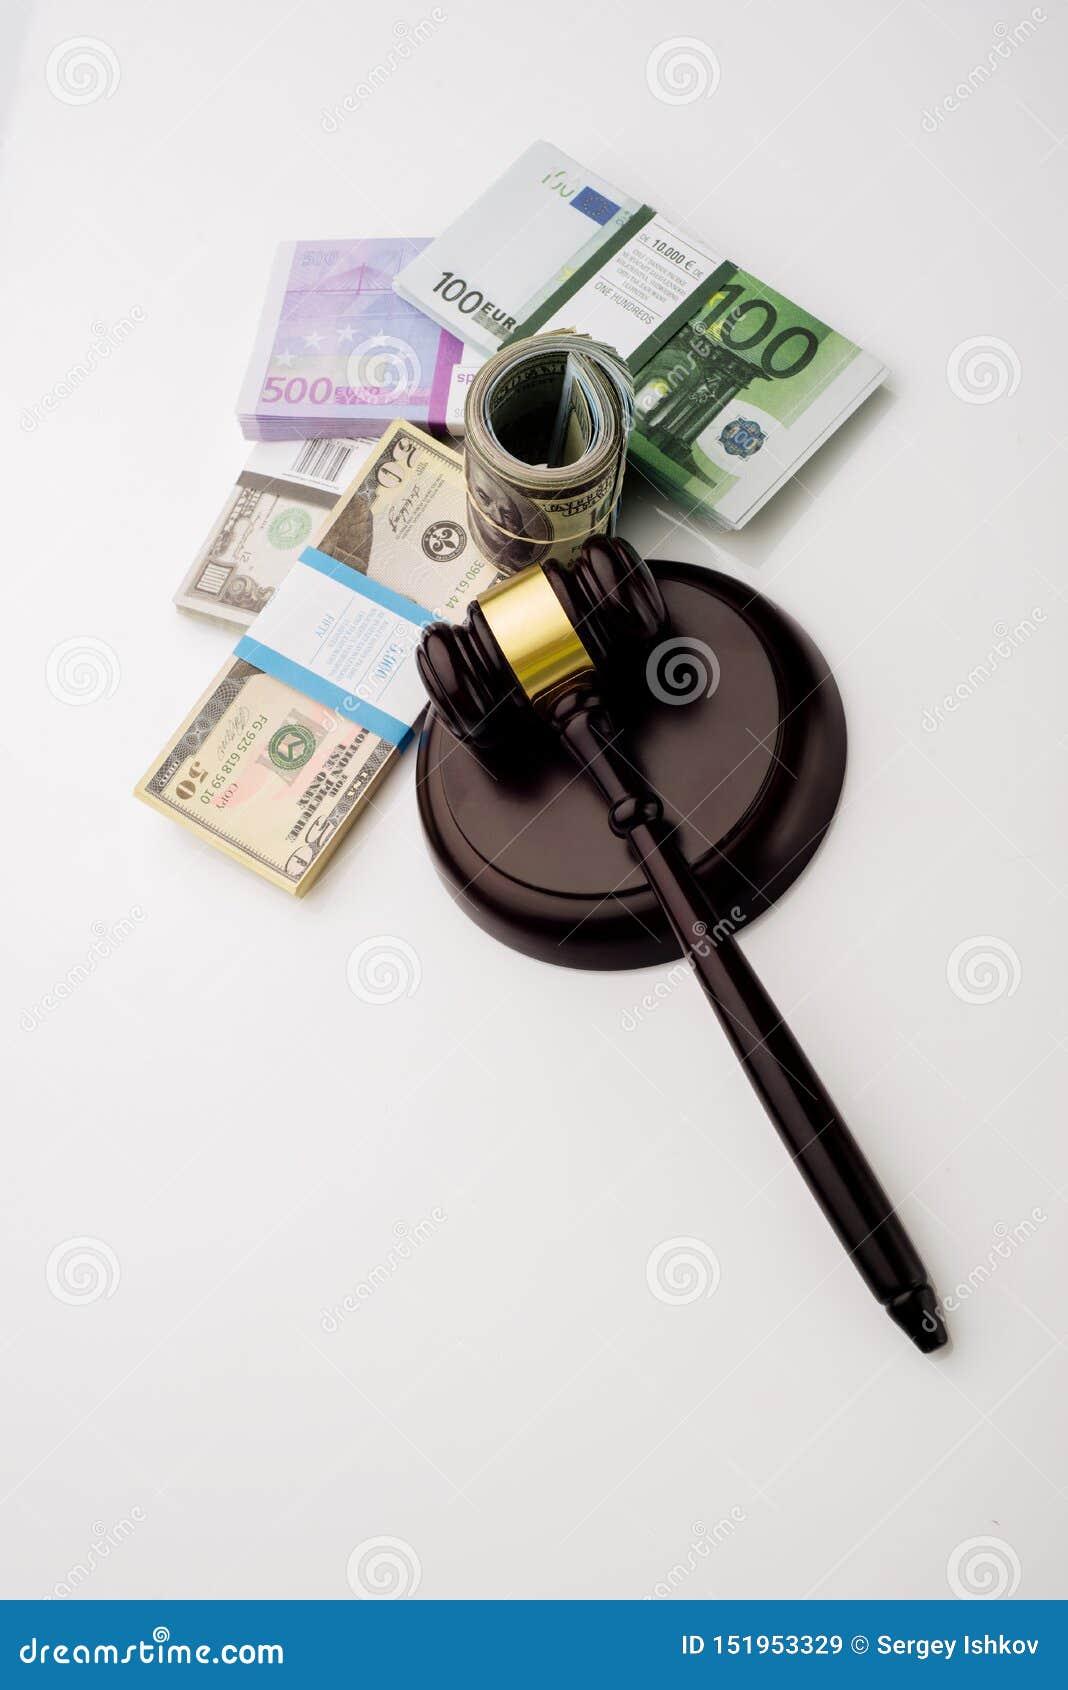 Der Hammer und die Sätze Draufsicht Richters Dollar und Eurobanknoten auf einem weißen Hintergrund